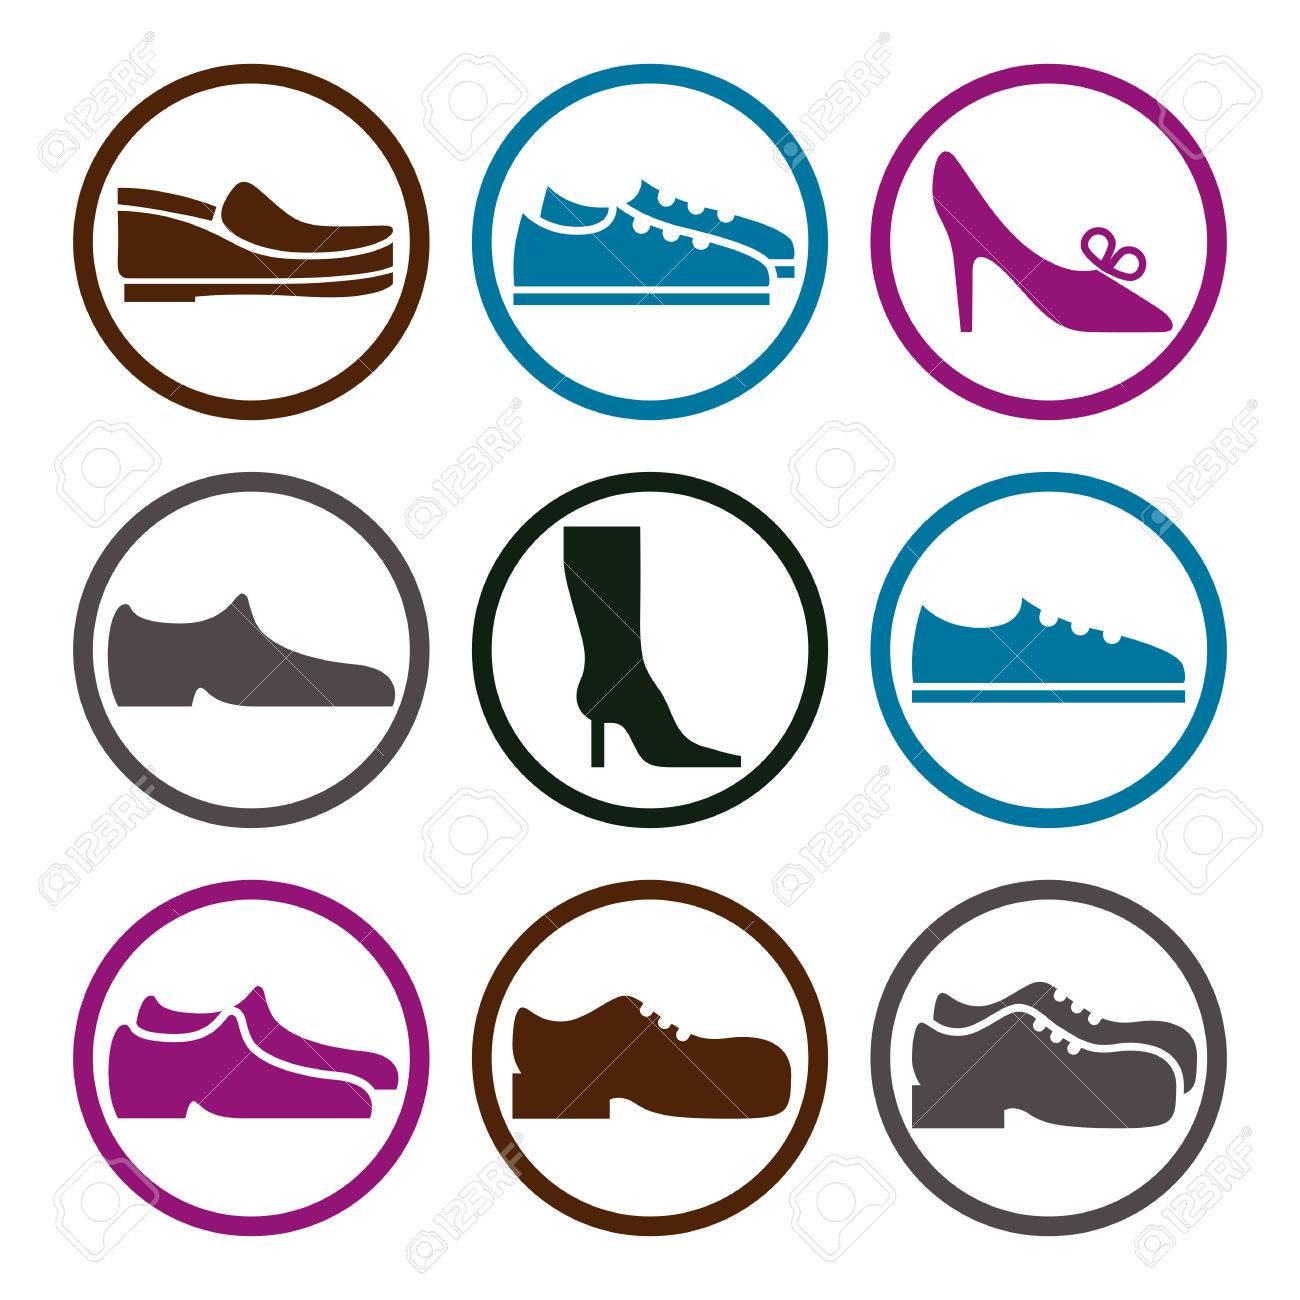 履物のアイコン ベクトル セット、靴絵文字のベクター コレクション。 写真素材 , 36169863